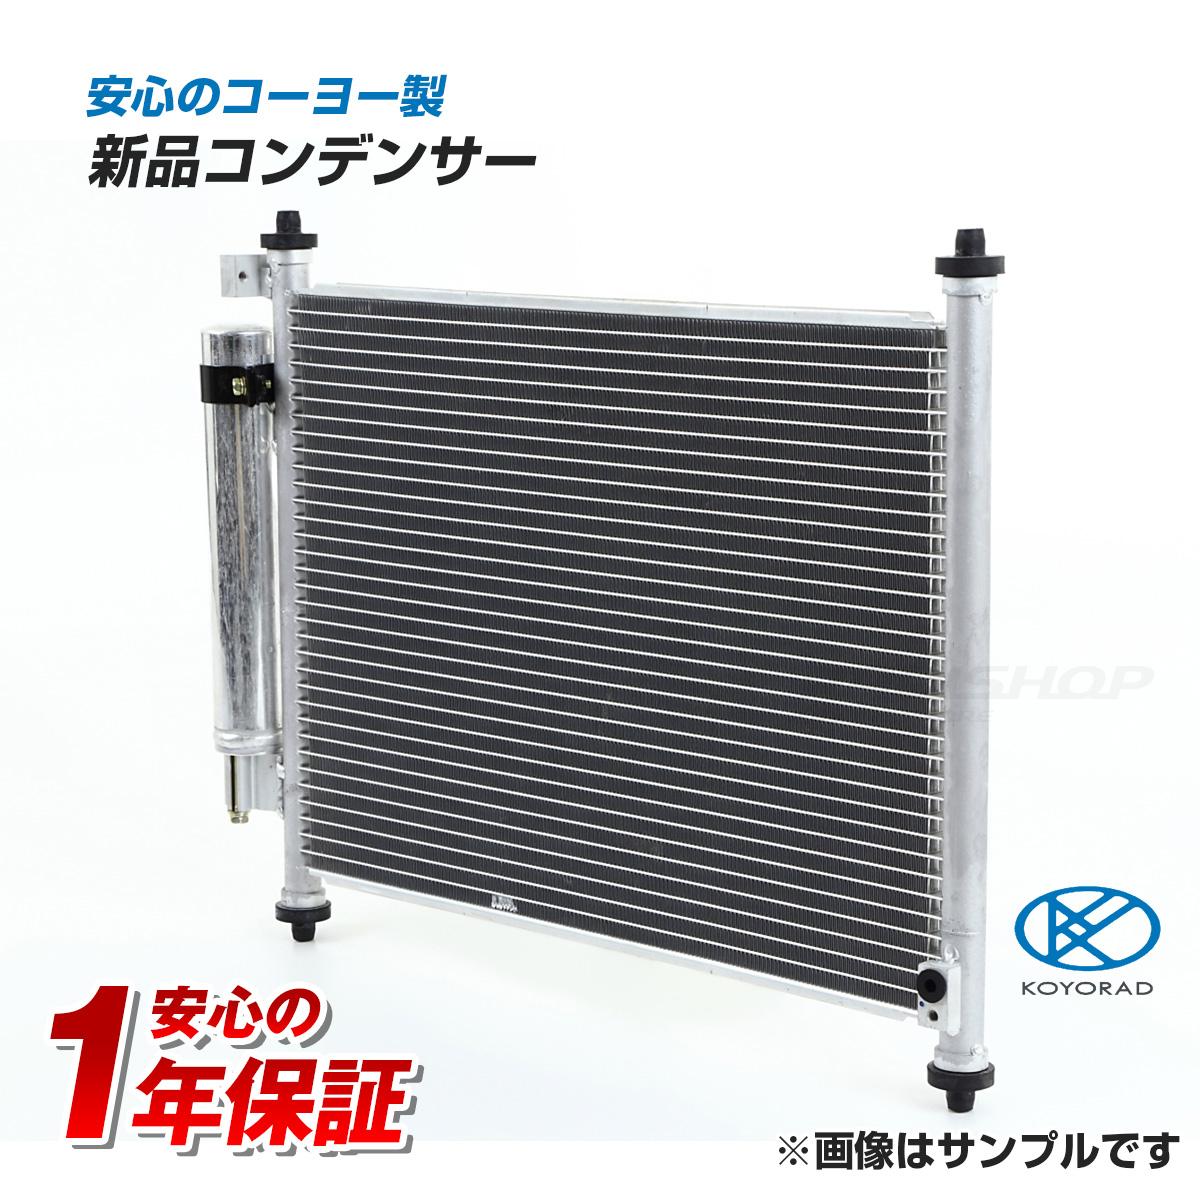 ★新品コンデンサー★ フレアワゴン MM53S コンデンサー 新品・コーヨー製 1年保証付商品 クーラーコンデンサー